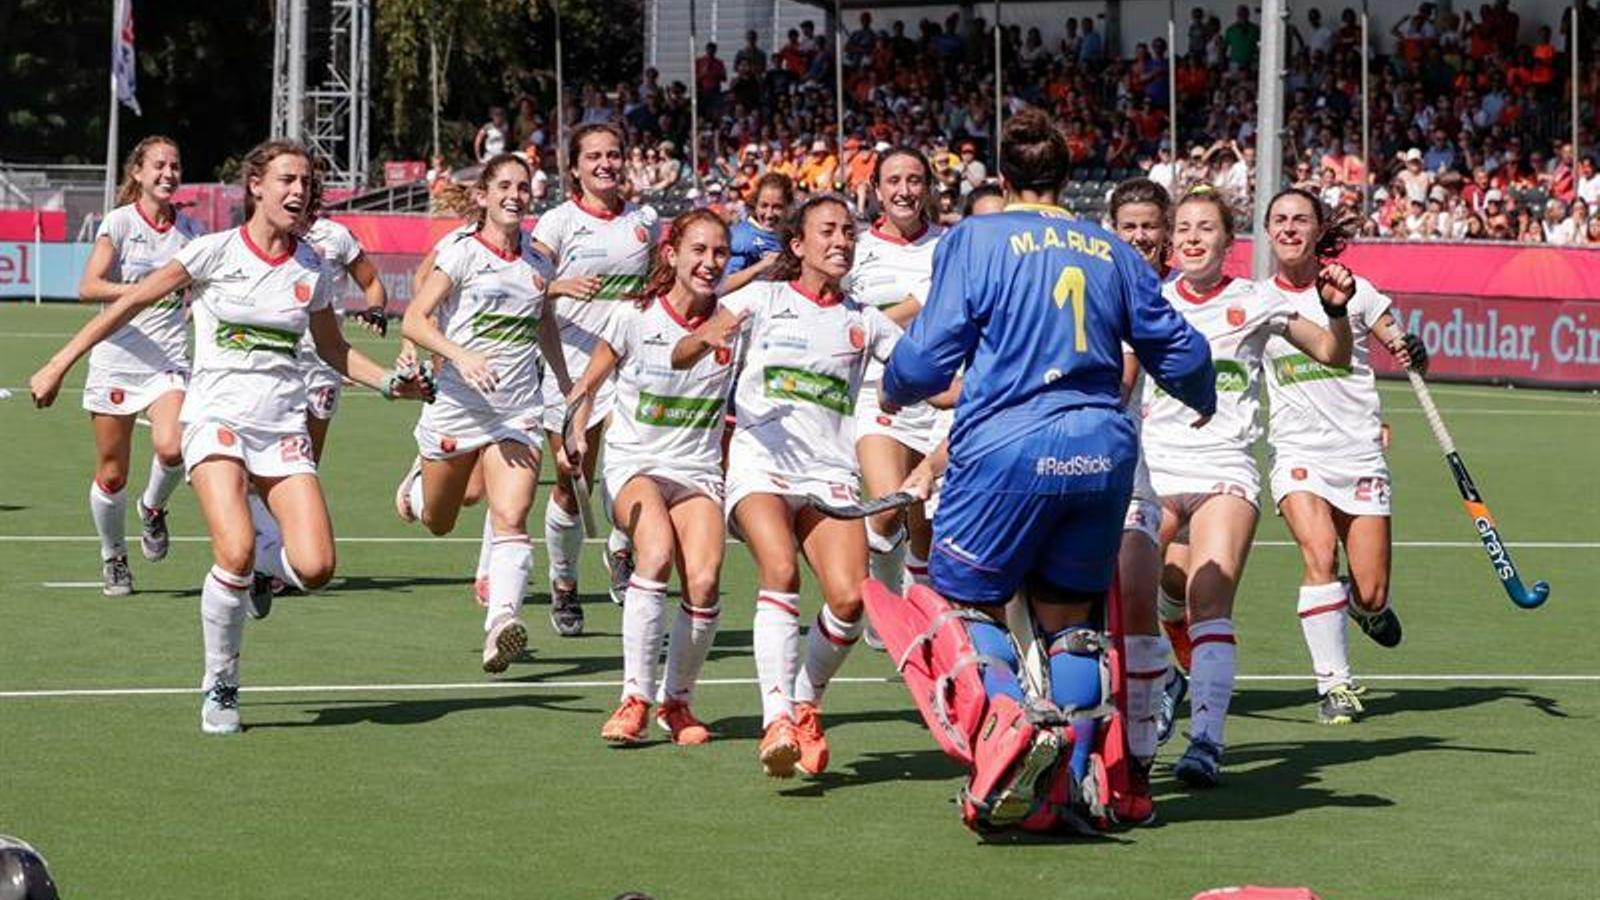 La selecció espanyola es penja el bronze als Europeus femenins d'hoquei herba